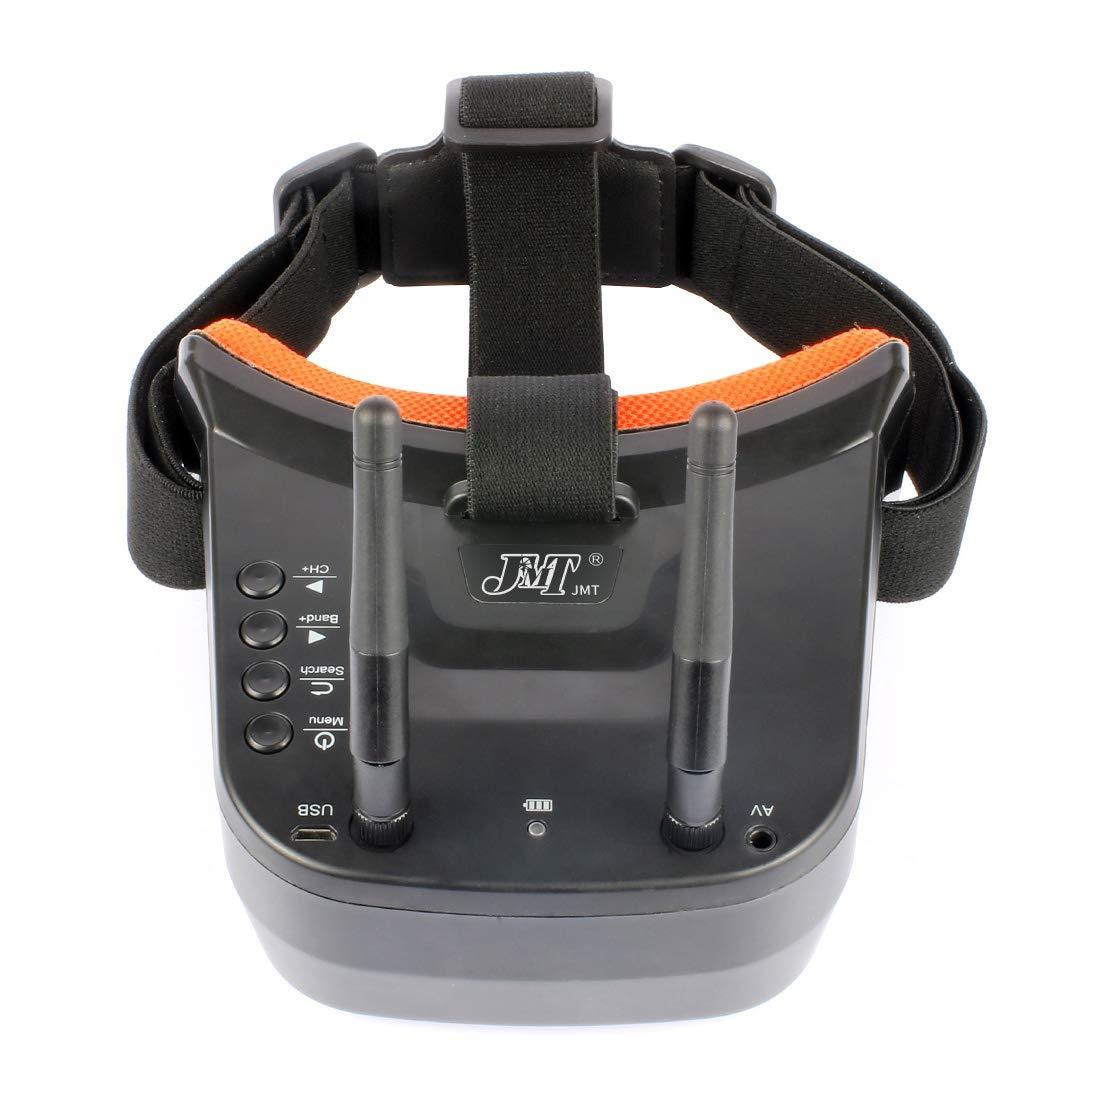 tooltech ffp2 en149 lot de 3 masques de protection respiratoire